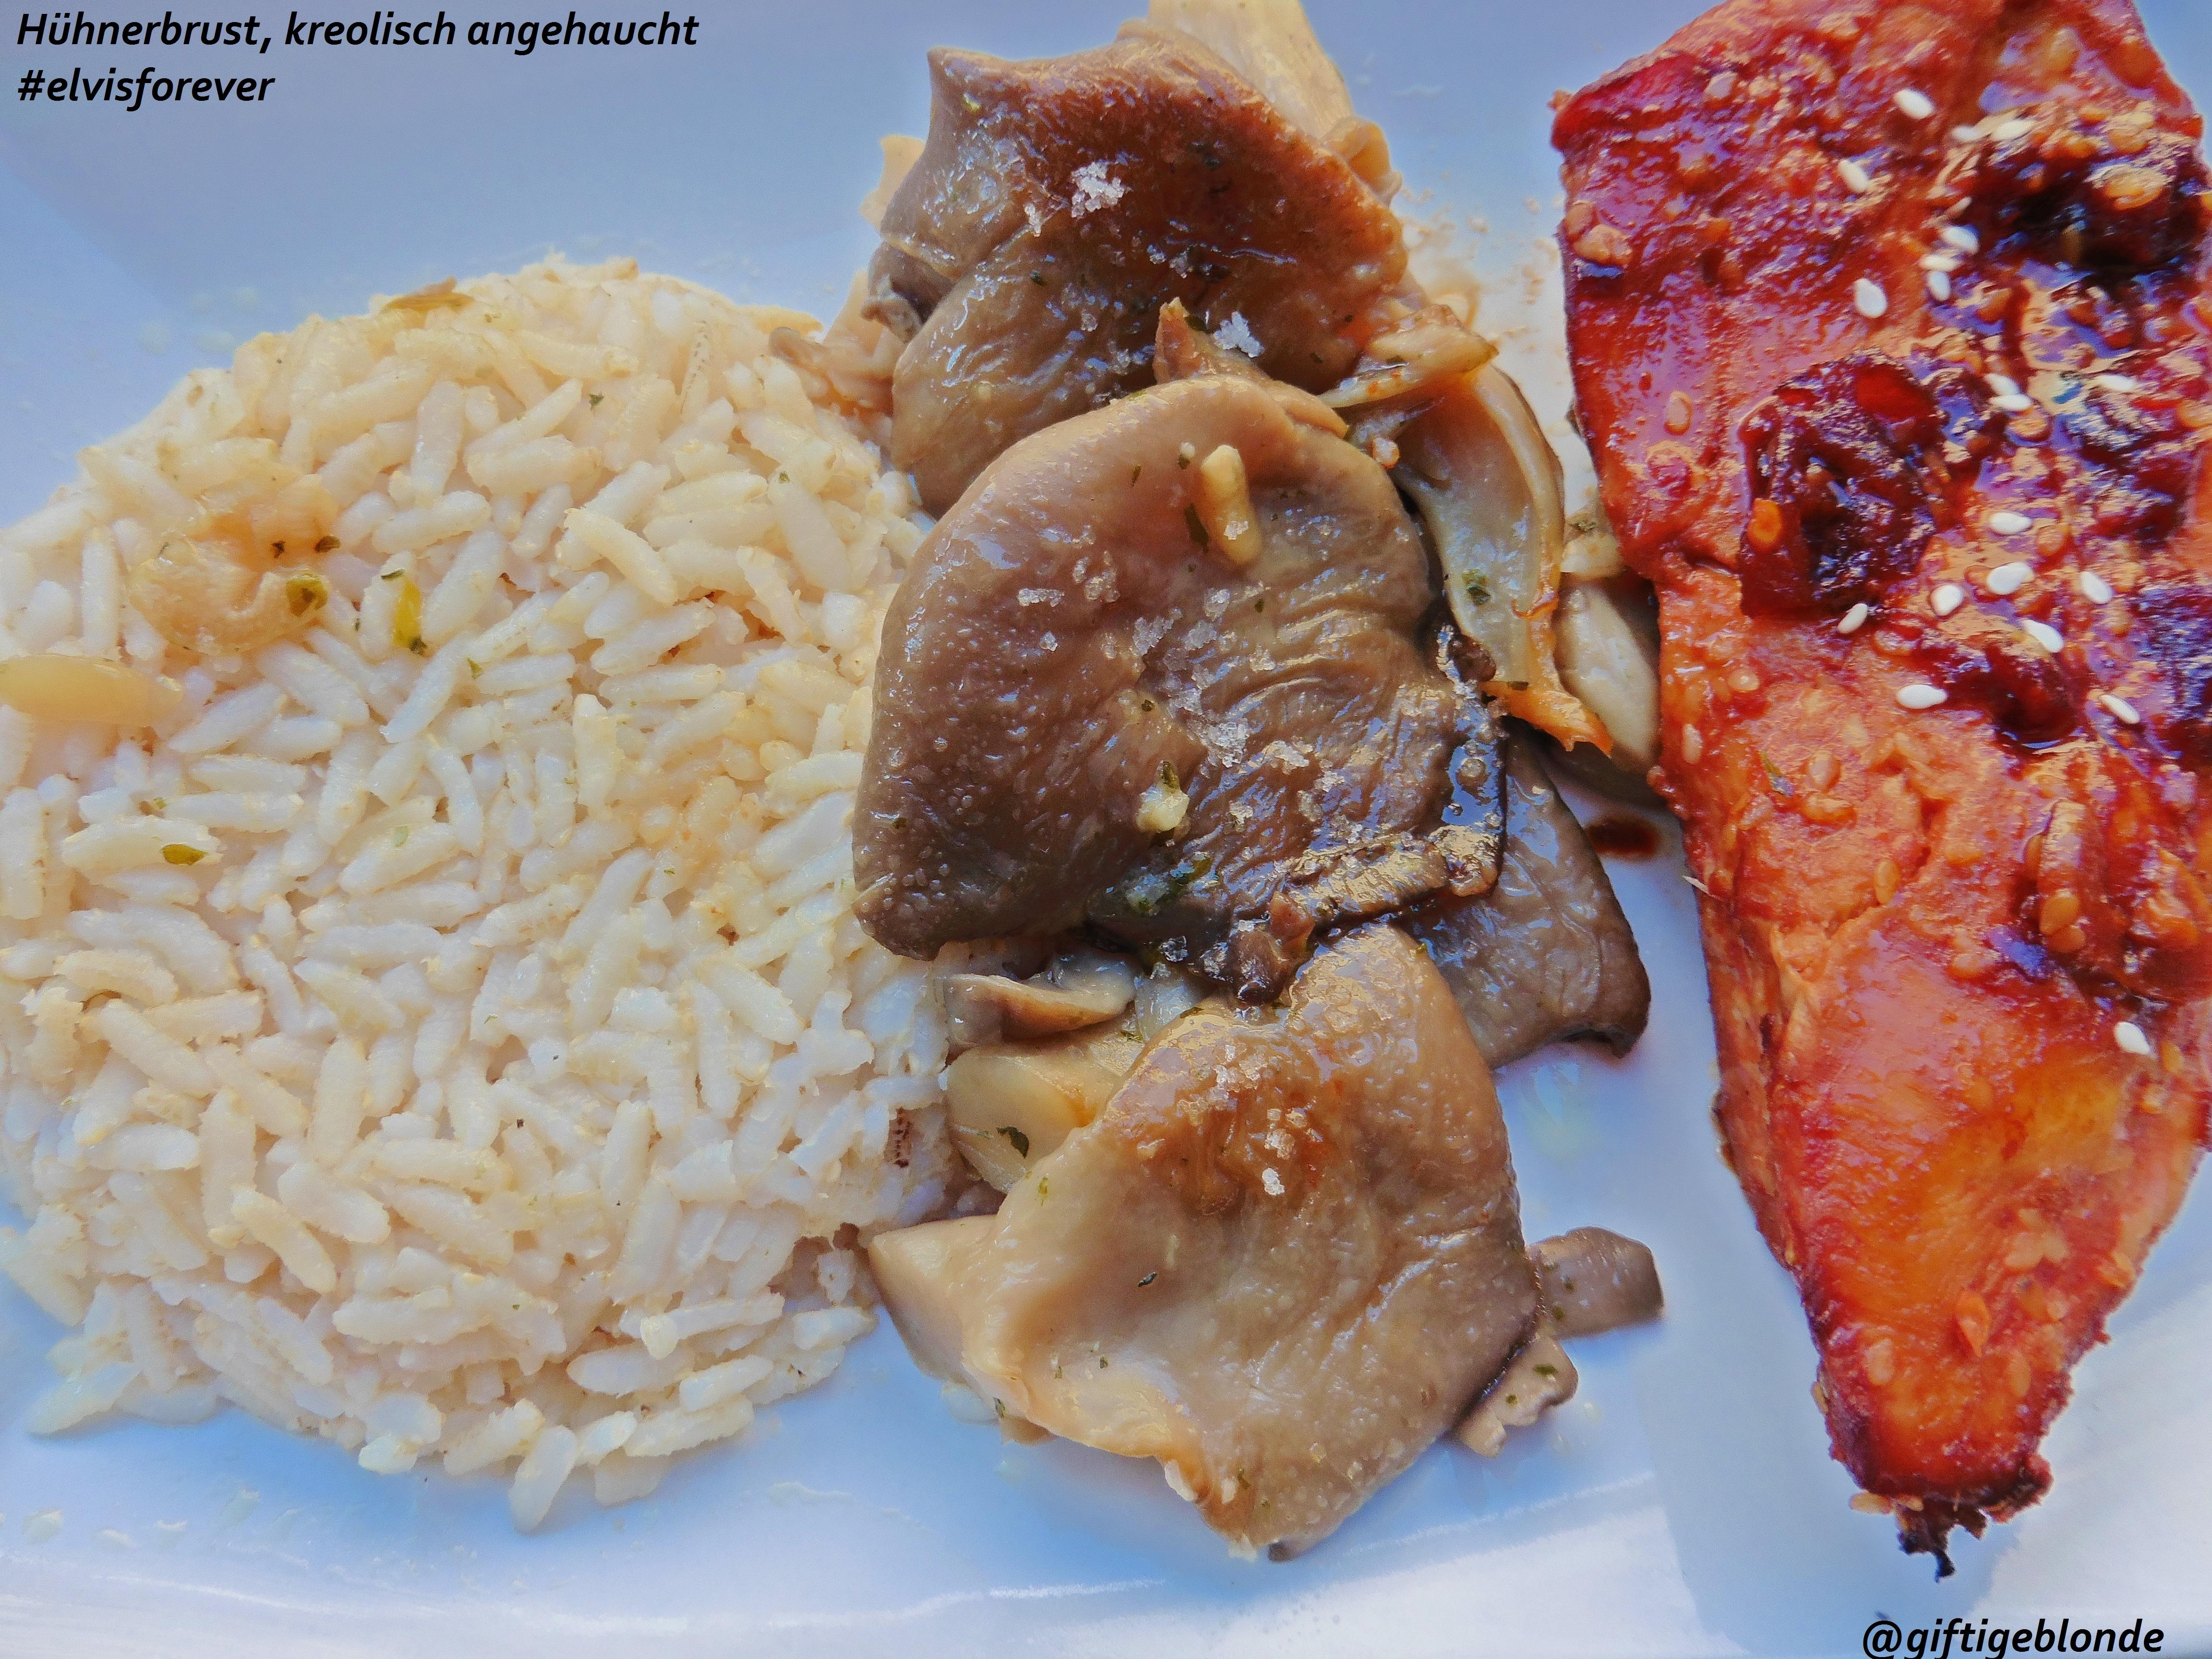 Hühnerbrust, kreolisch angehaucht #elvisforever